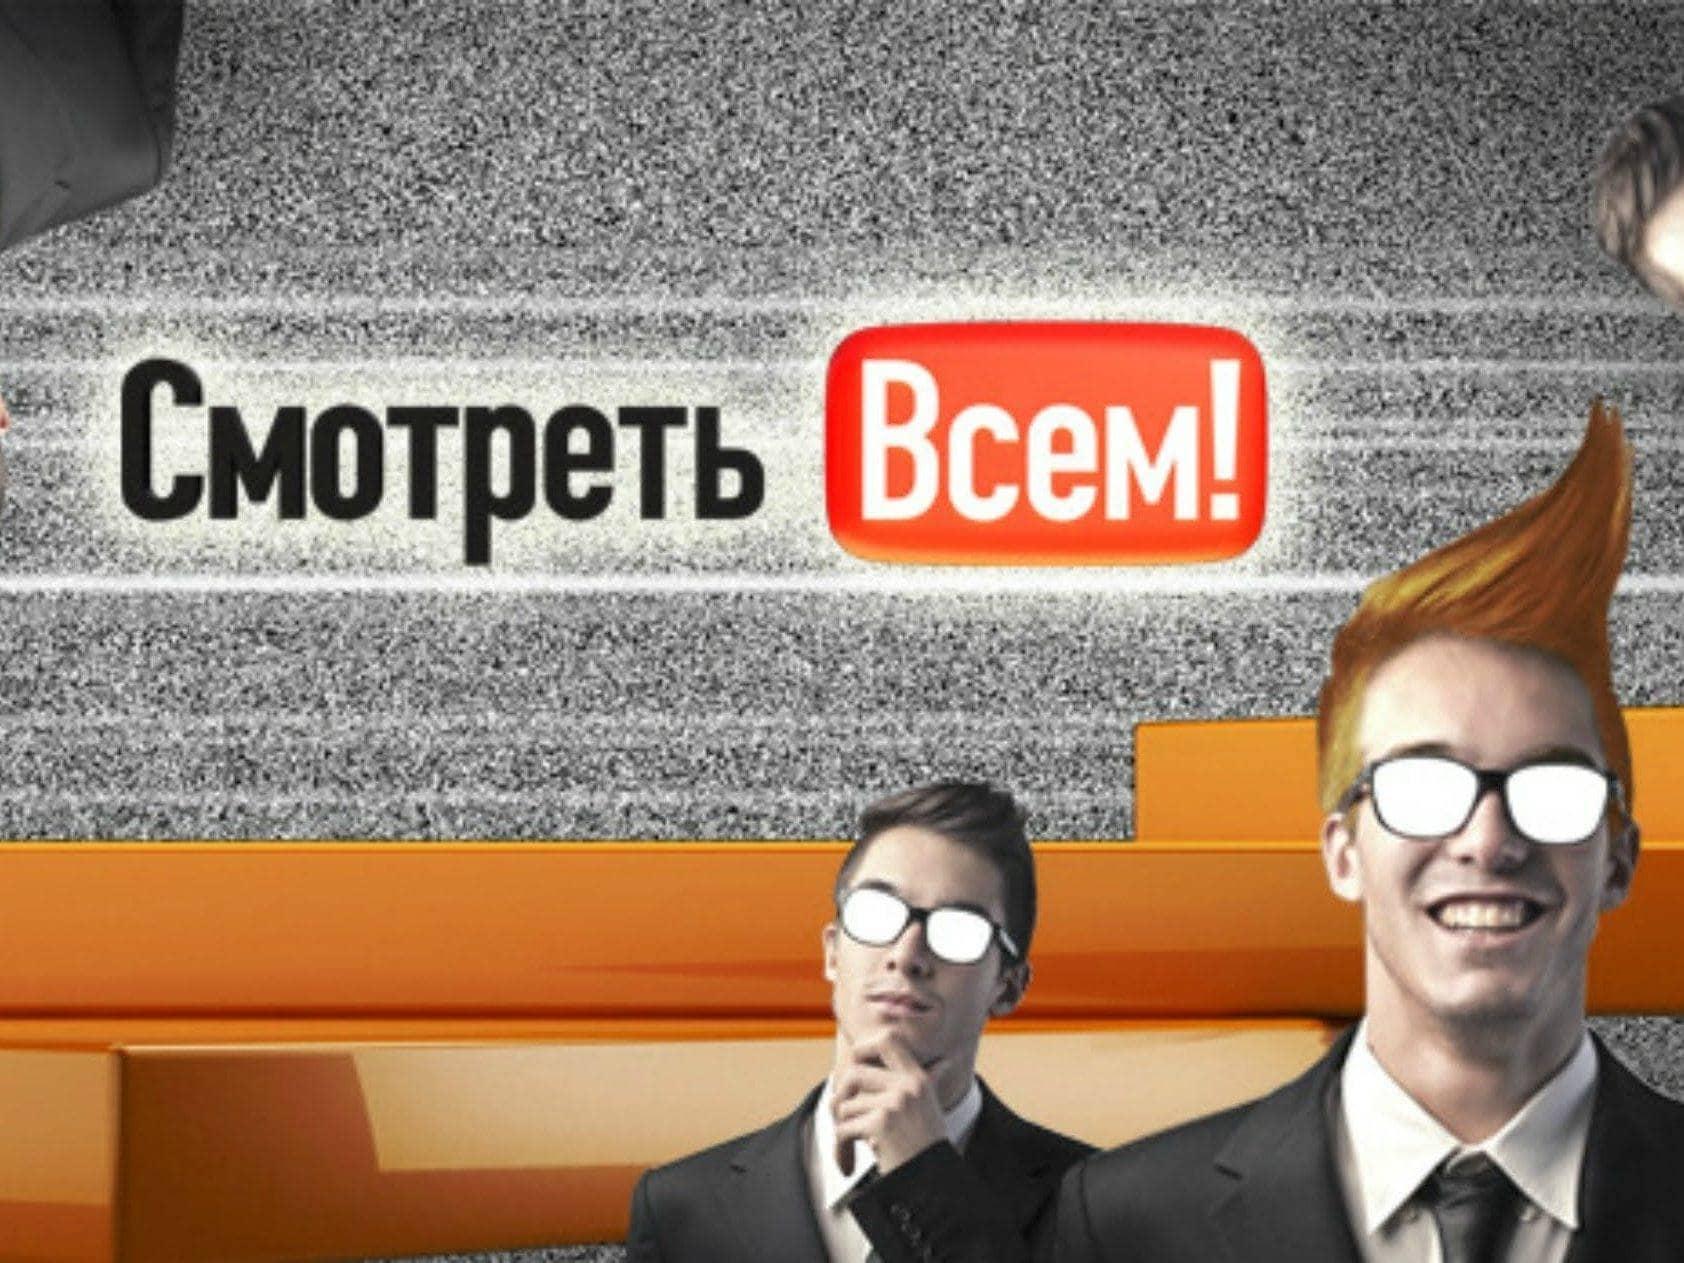 Смотреть всем! 396 серия в 21:50 на РЕН ТВ